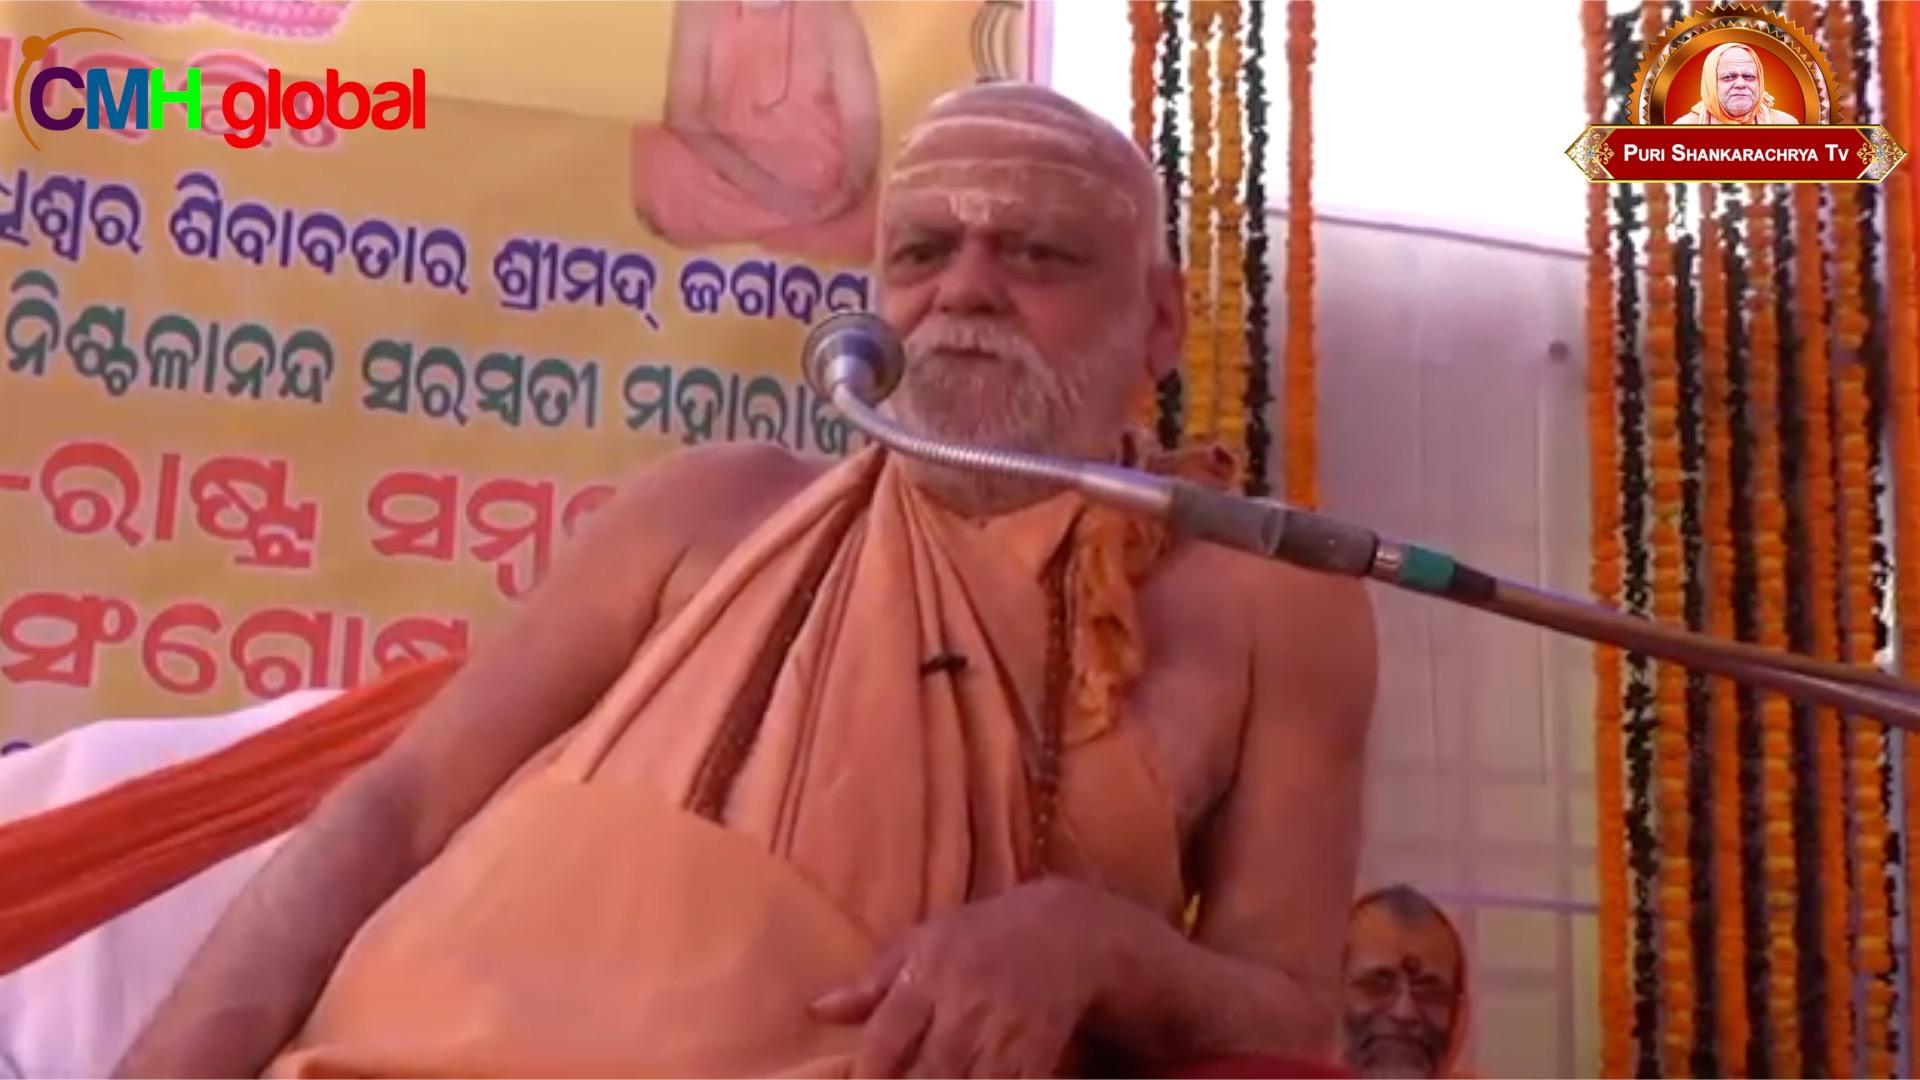 Gyan Dhara Ep -14 by Puri Shankaracharya Swami Nishchalananda Saraswati Ji